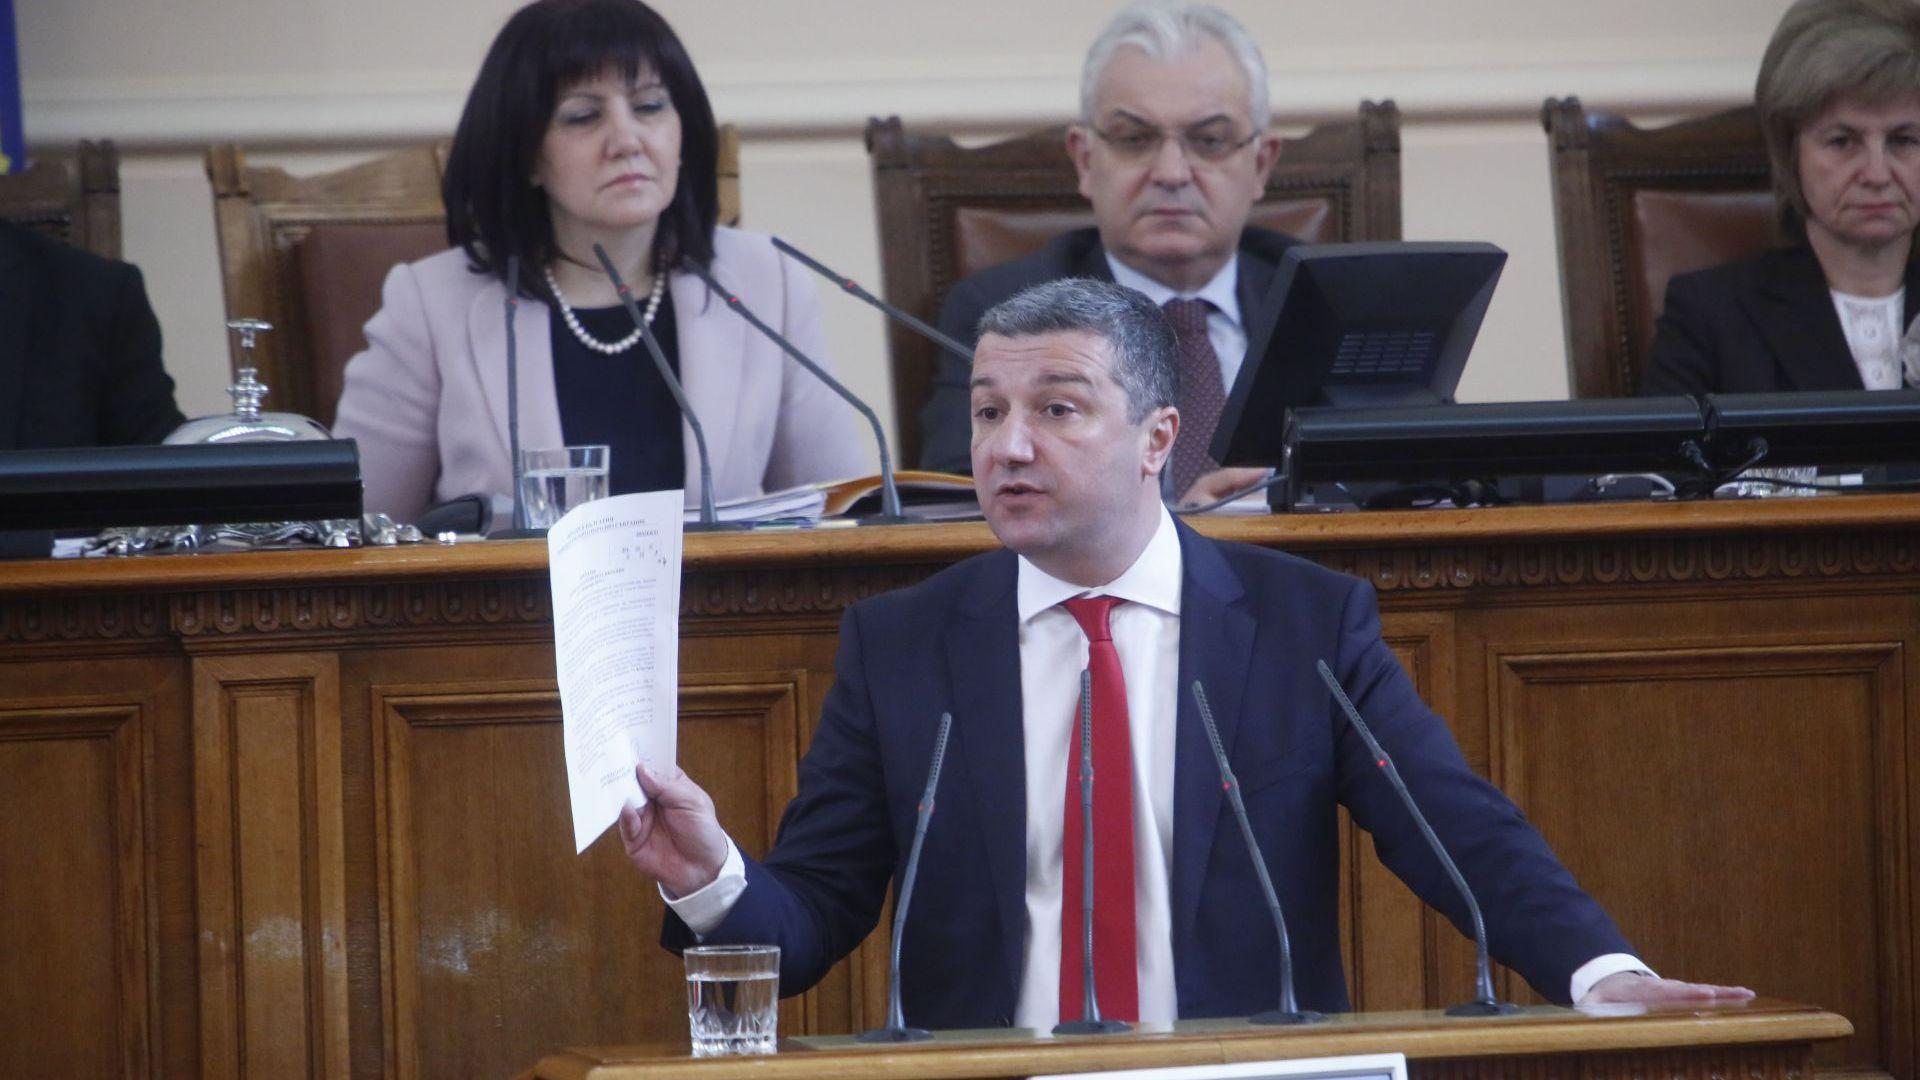 Драгомир Стойнев: БСП търси дебат и истината, а ГЕРБ мълчи, срамно е